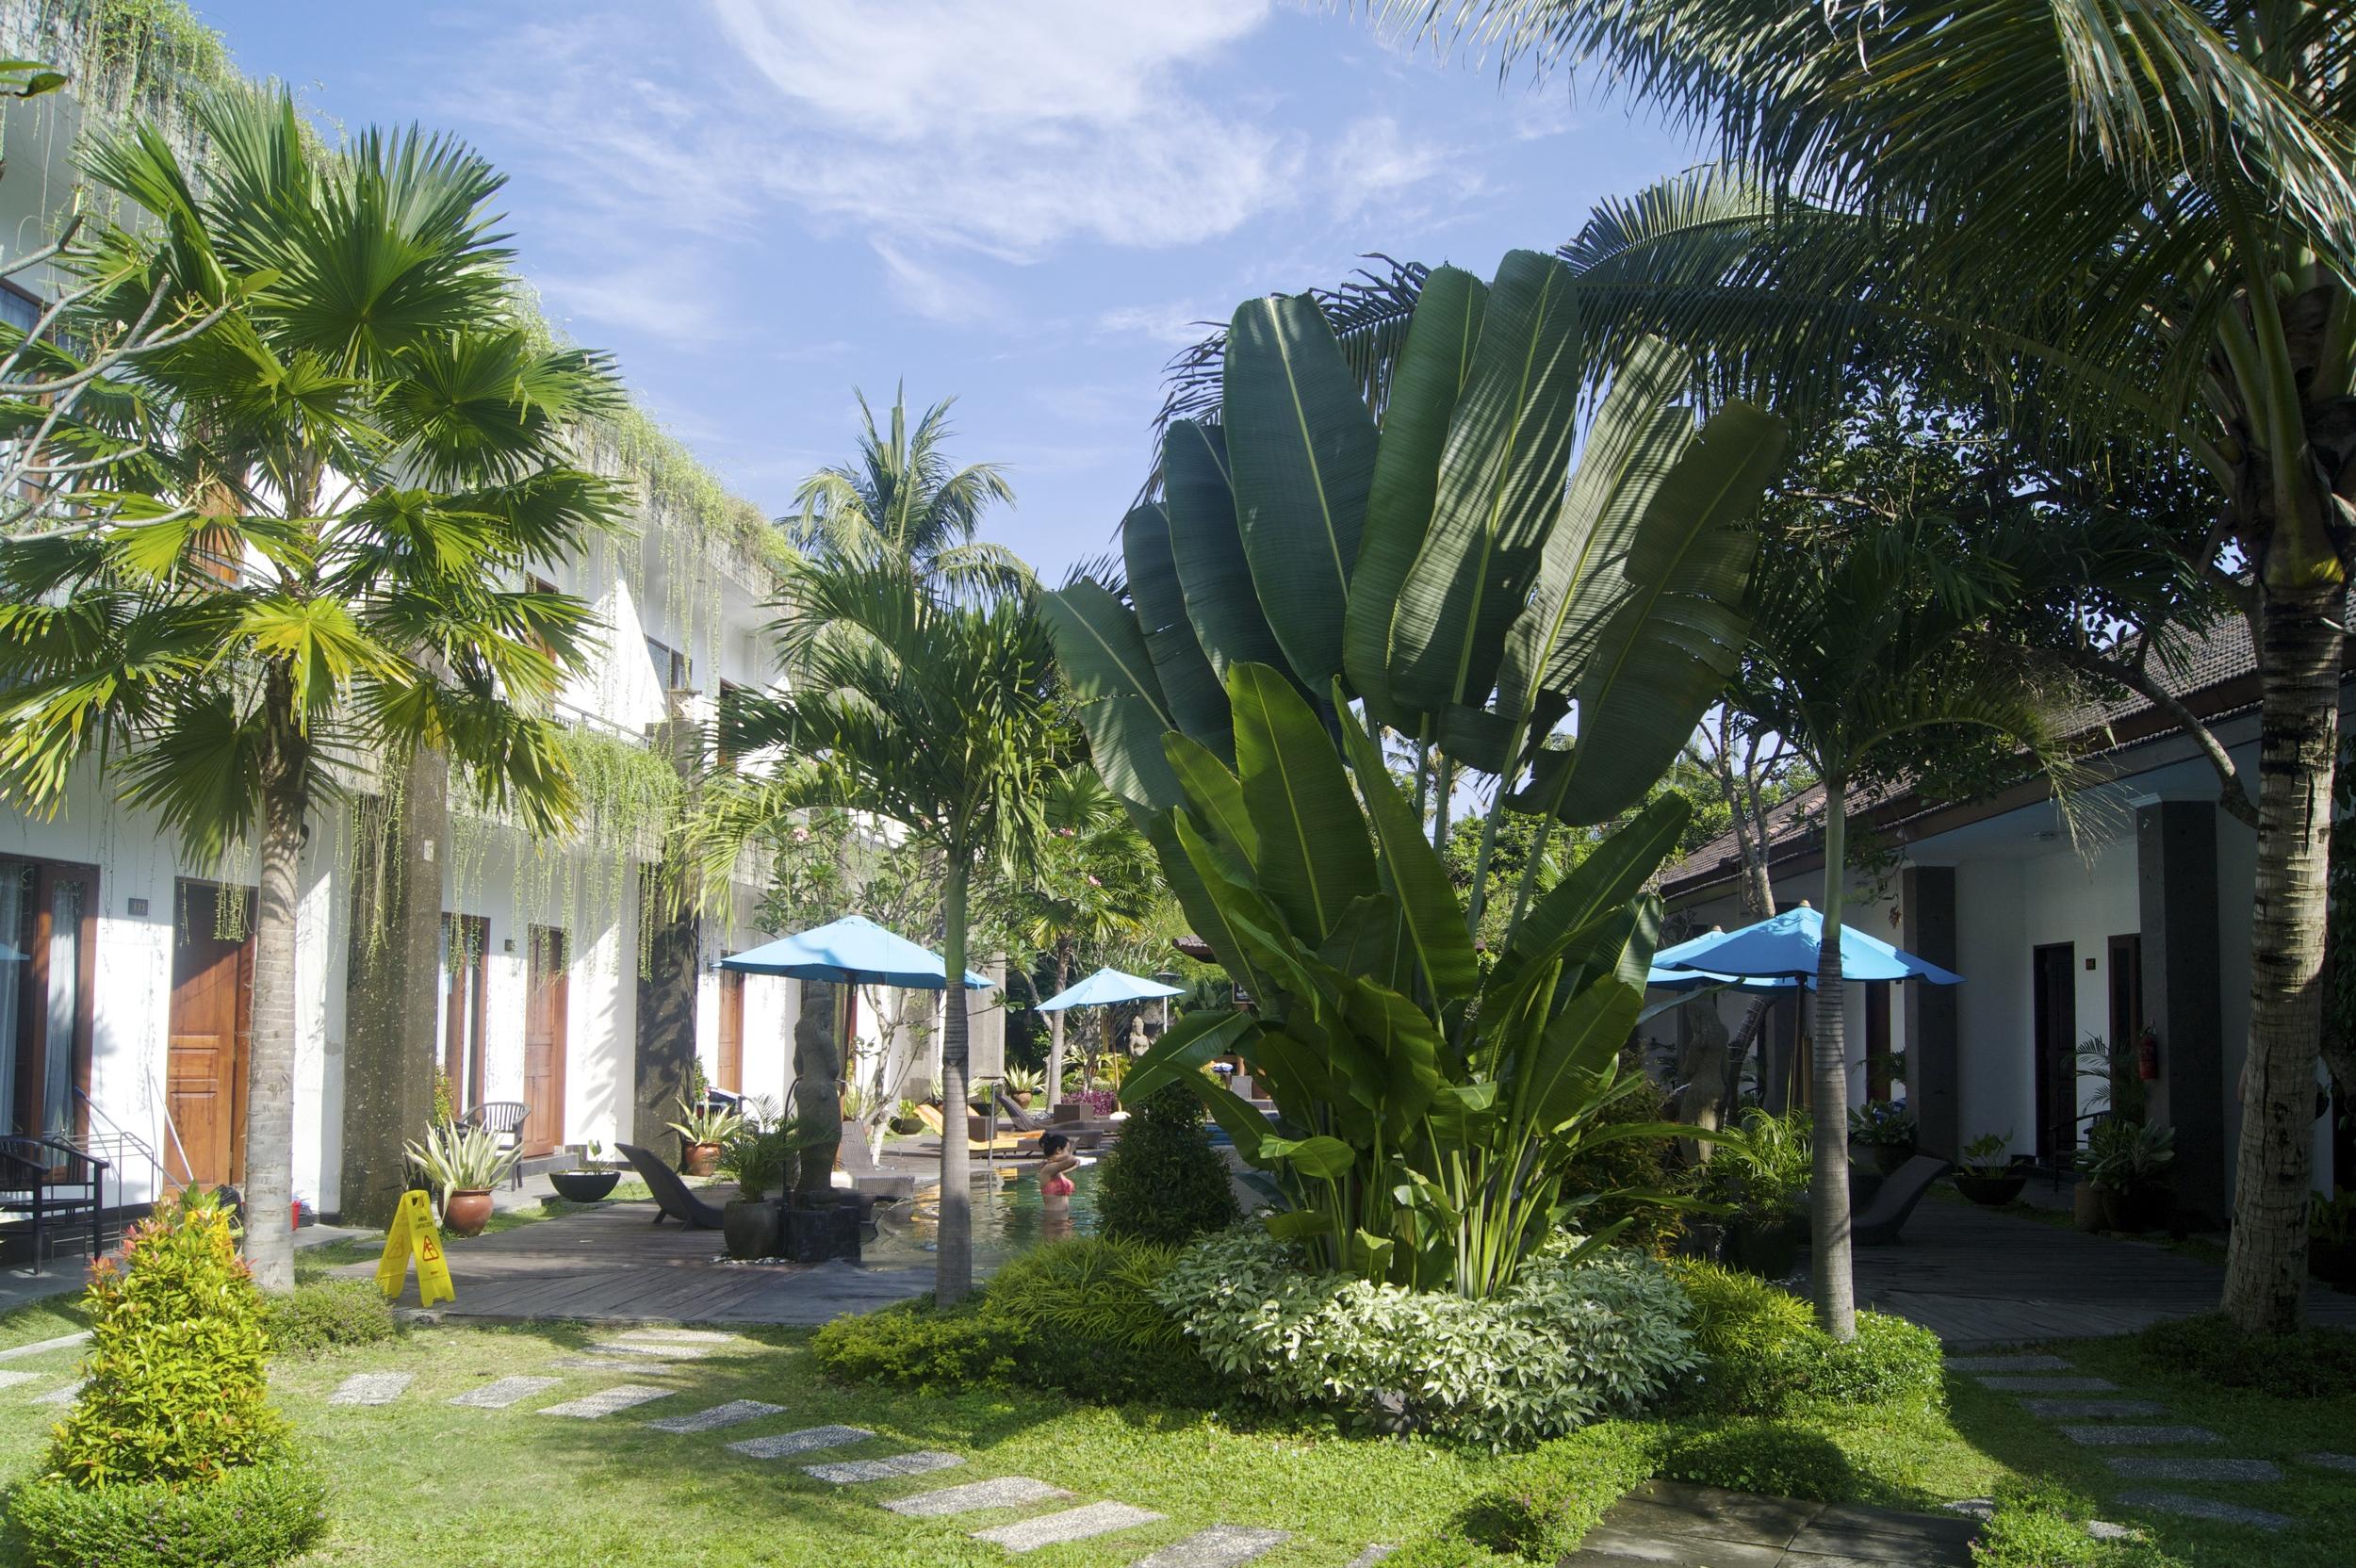 乌布拉亚酒店-游泳池和花园-巴厘岛乌布-酒店评论-illumelation.combeplay3体育官方下载